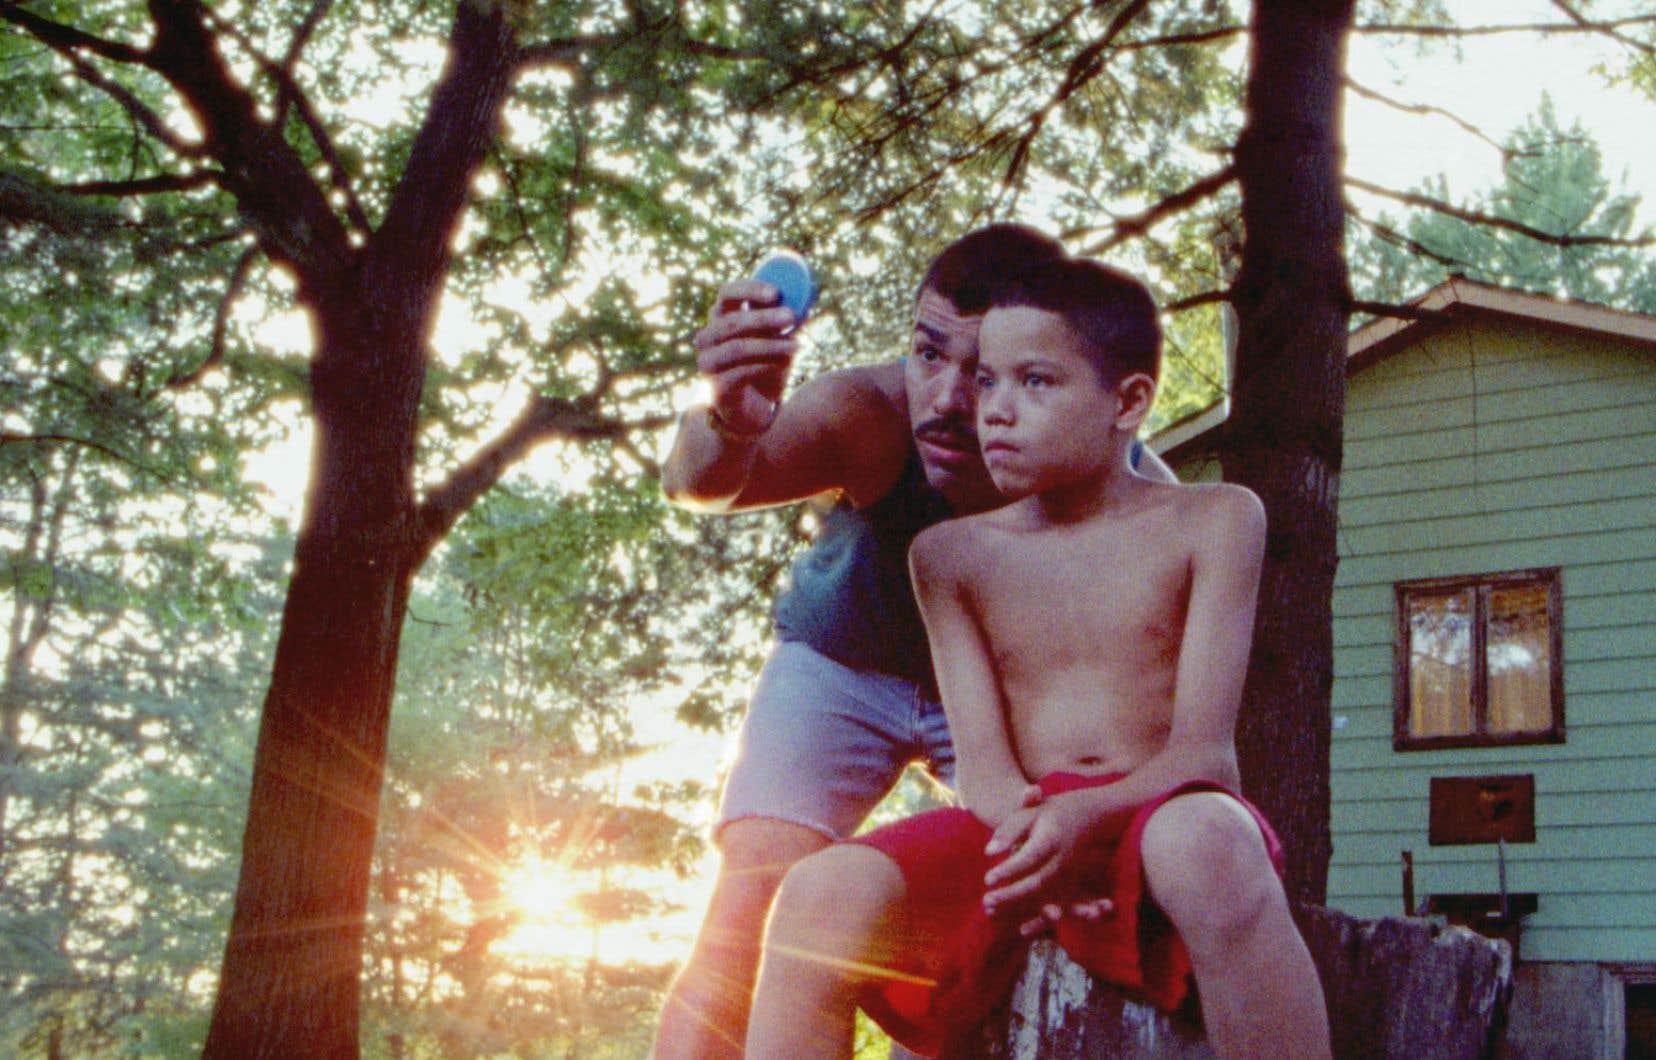 Raùl Castillo avec le jeune Evan Rosado, qui livre une interprétation habitée expertement dirigée.